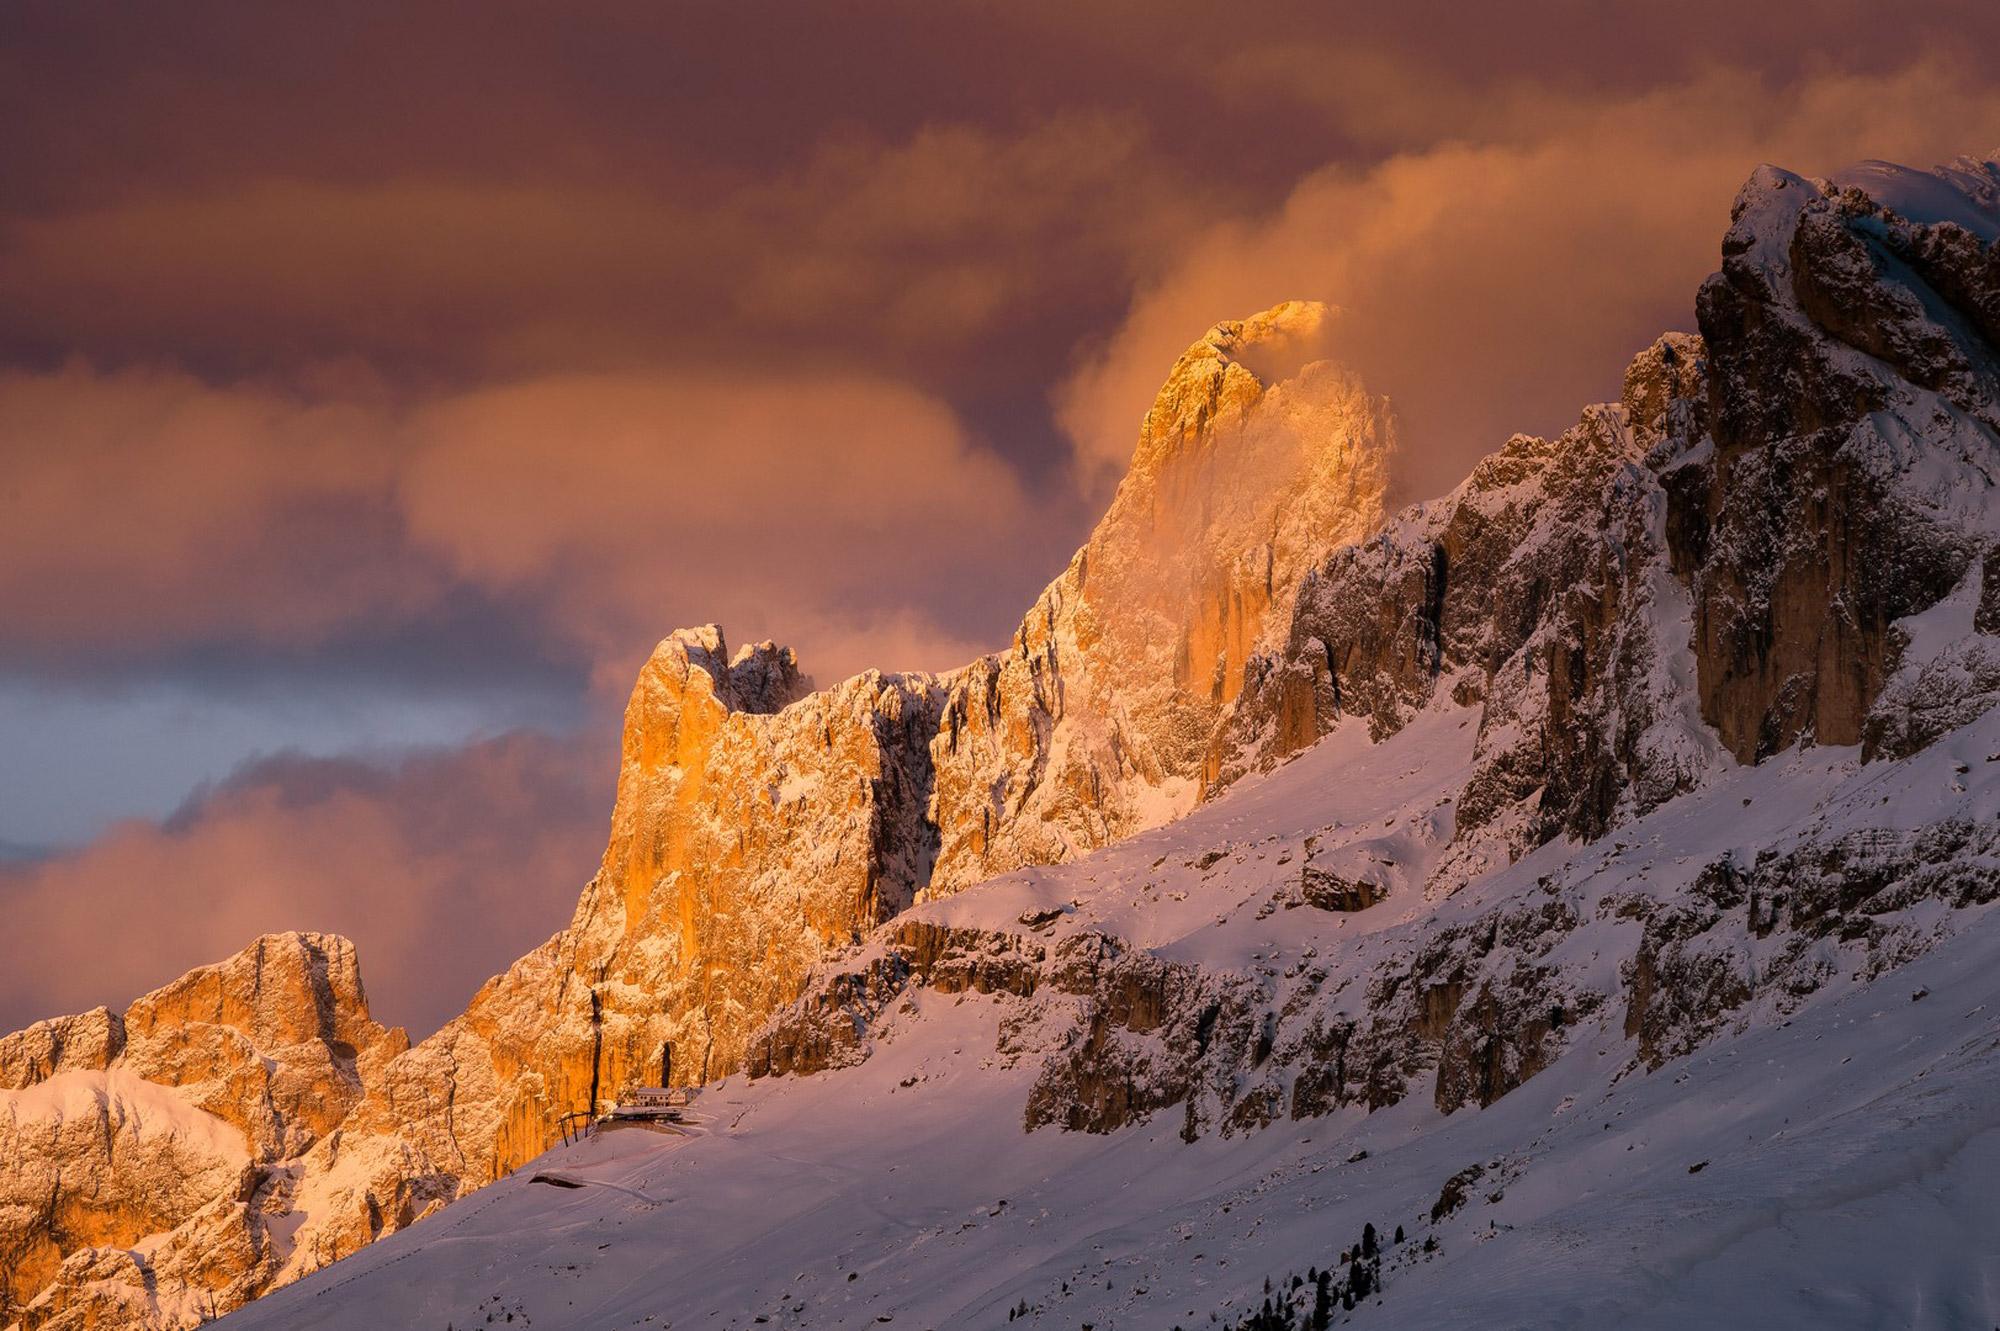 Paysage de montagne enneigé avec le soleil qui se couche sur le flanc gauche